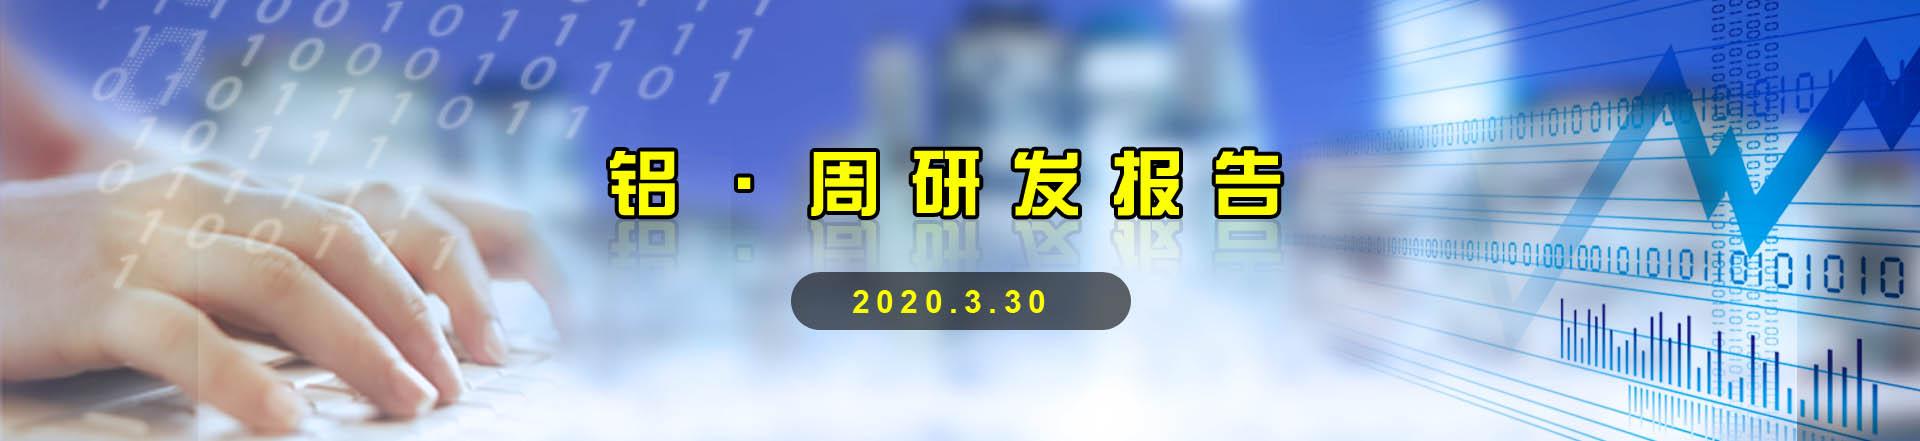 【铝】铝·周研发报告集锦 20200330